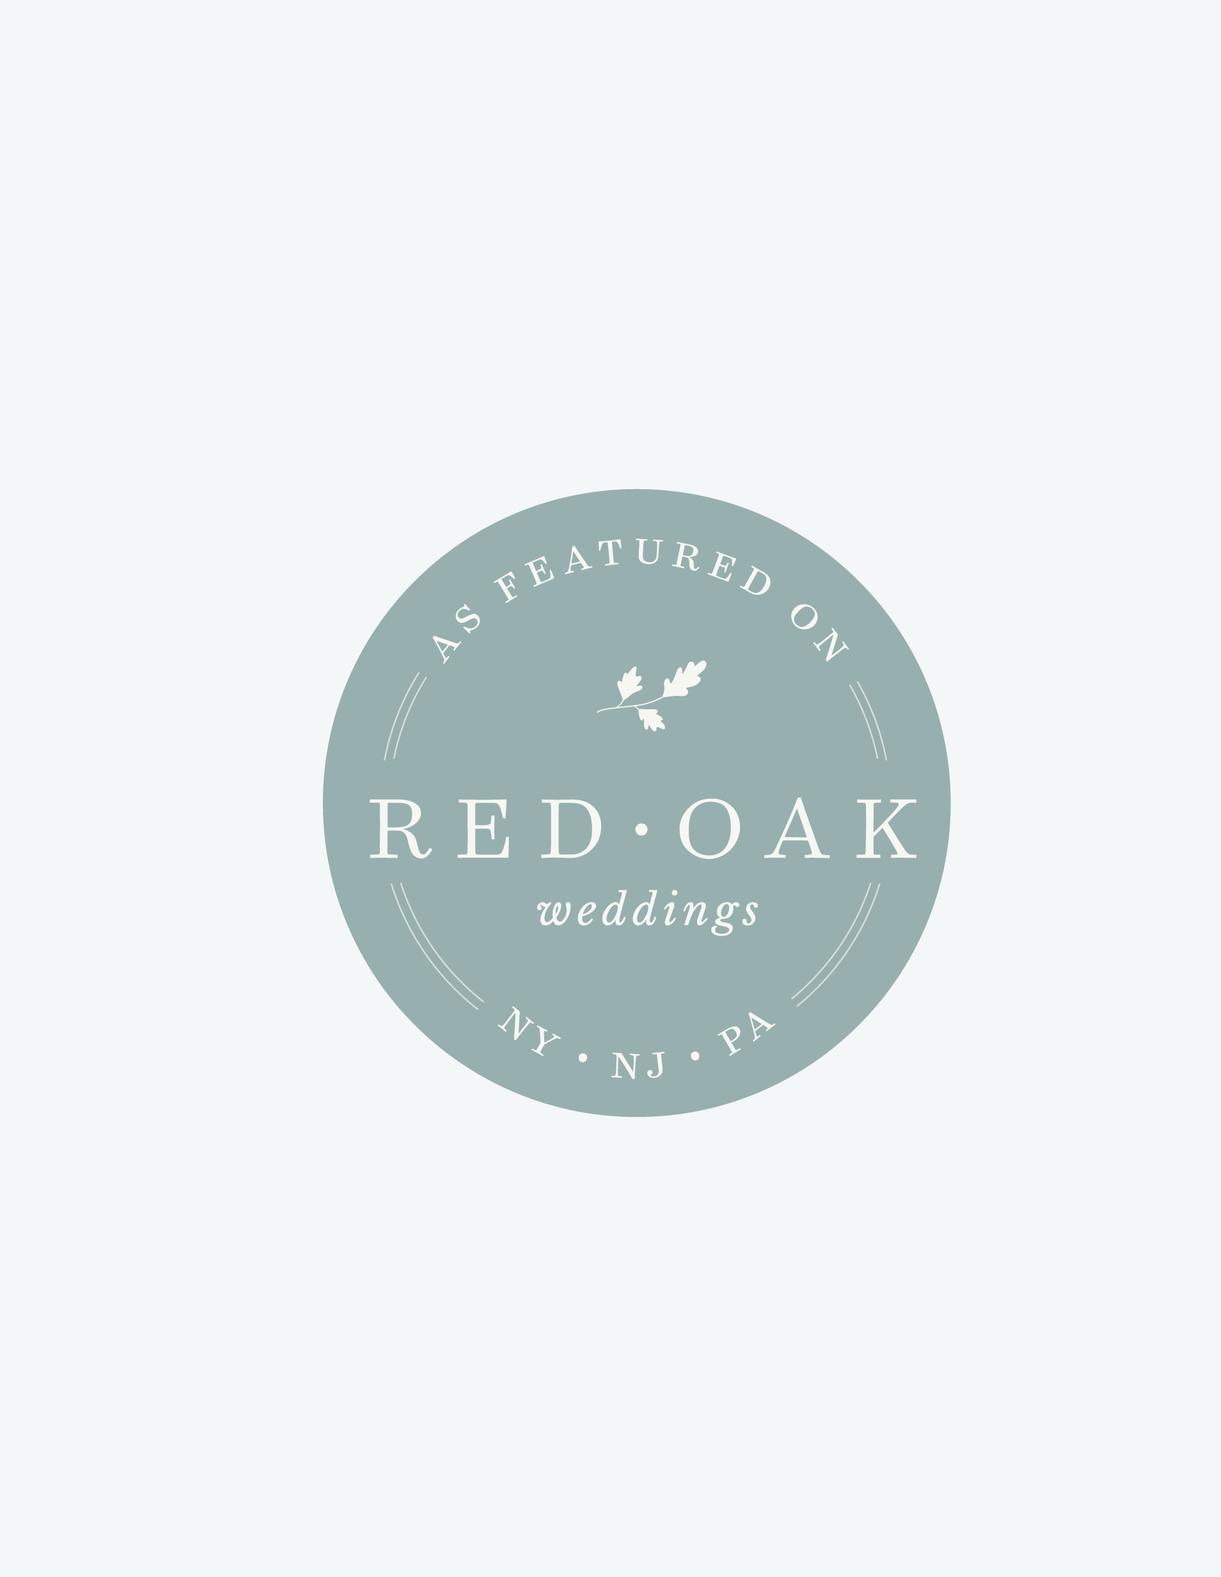 Red+Oak+Weddings-+Branding+-+Meg+Summerfield+Studio+-+Photo+Cred-+Cinnamon+Wolfe+&+Laura+Lee-3-1.png